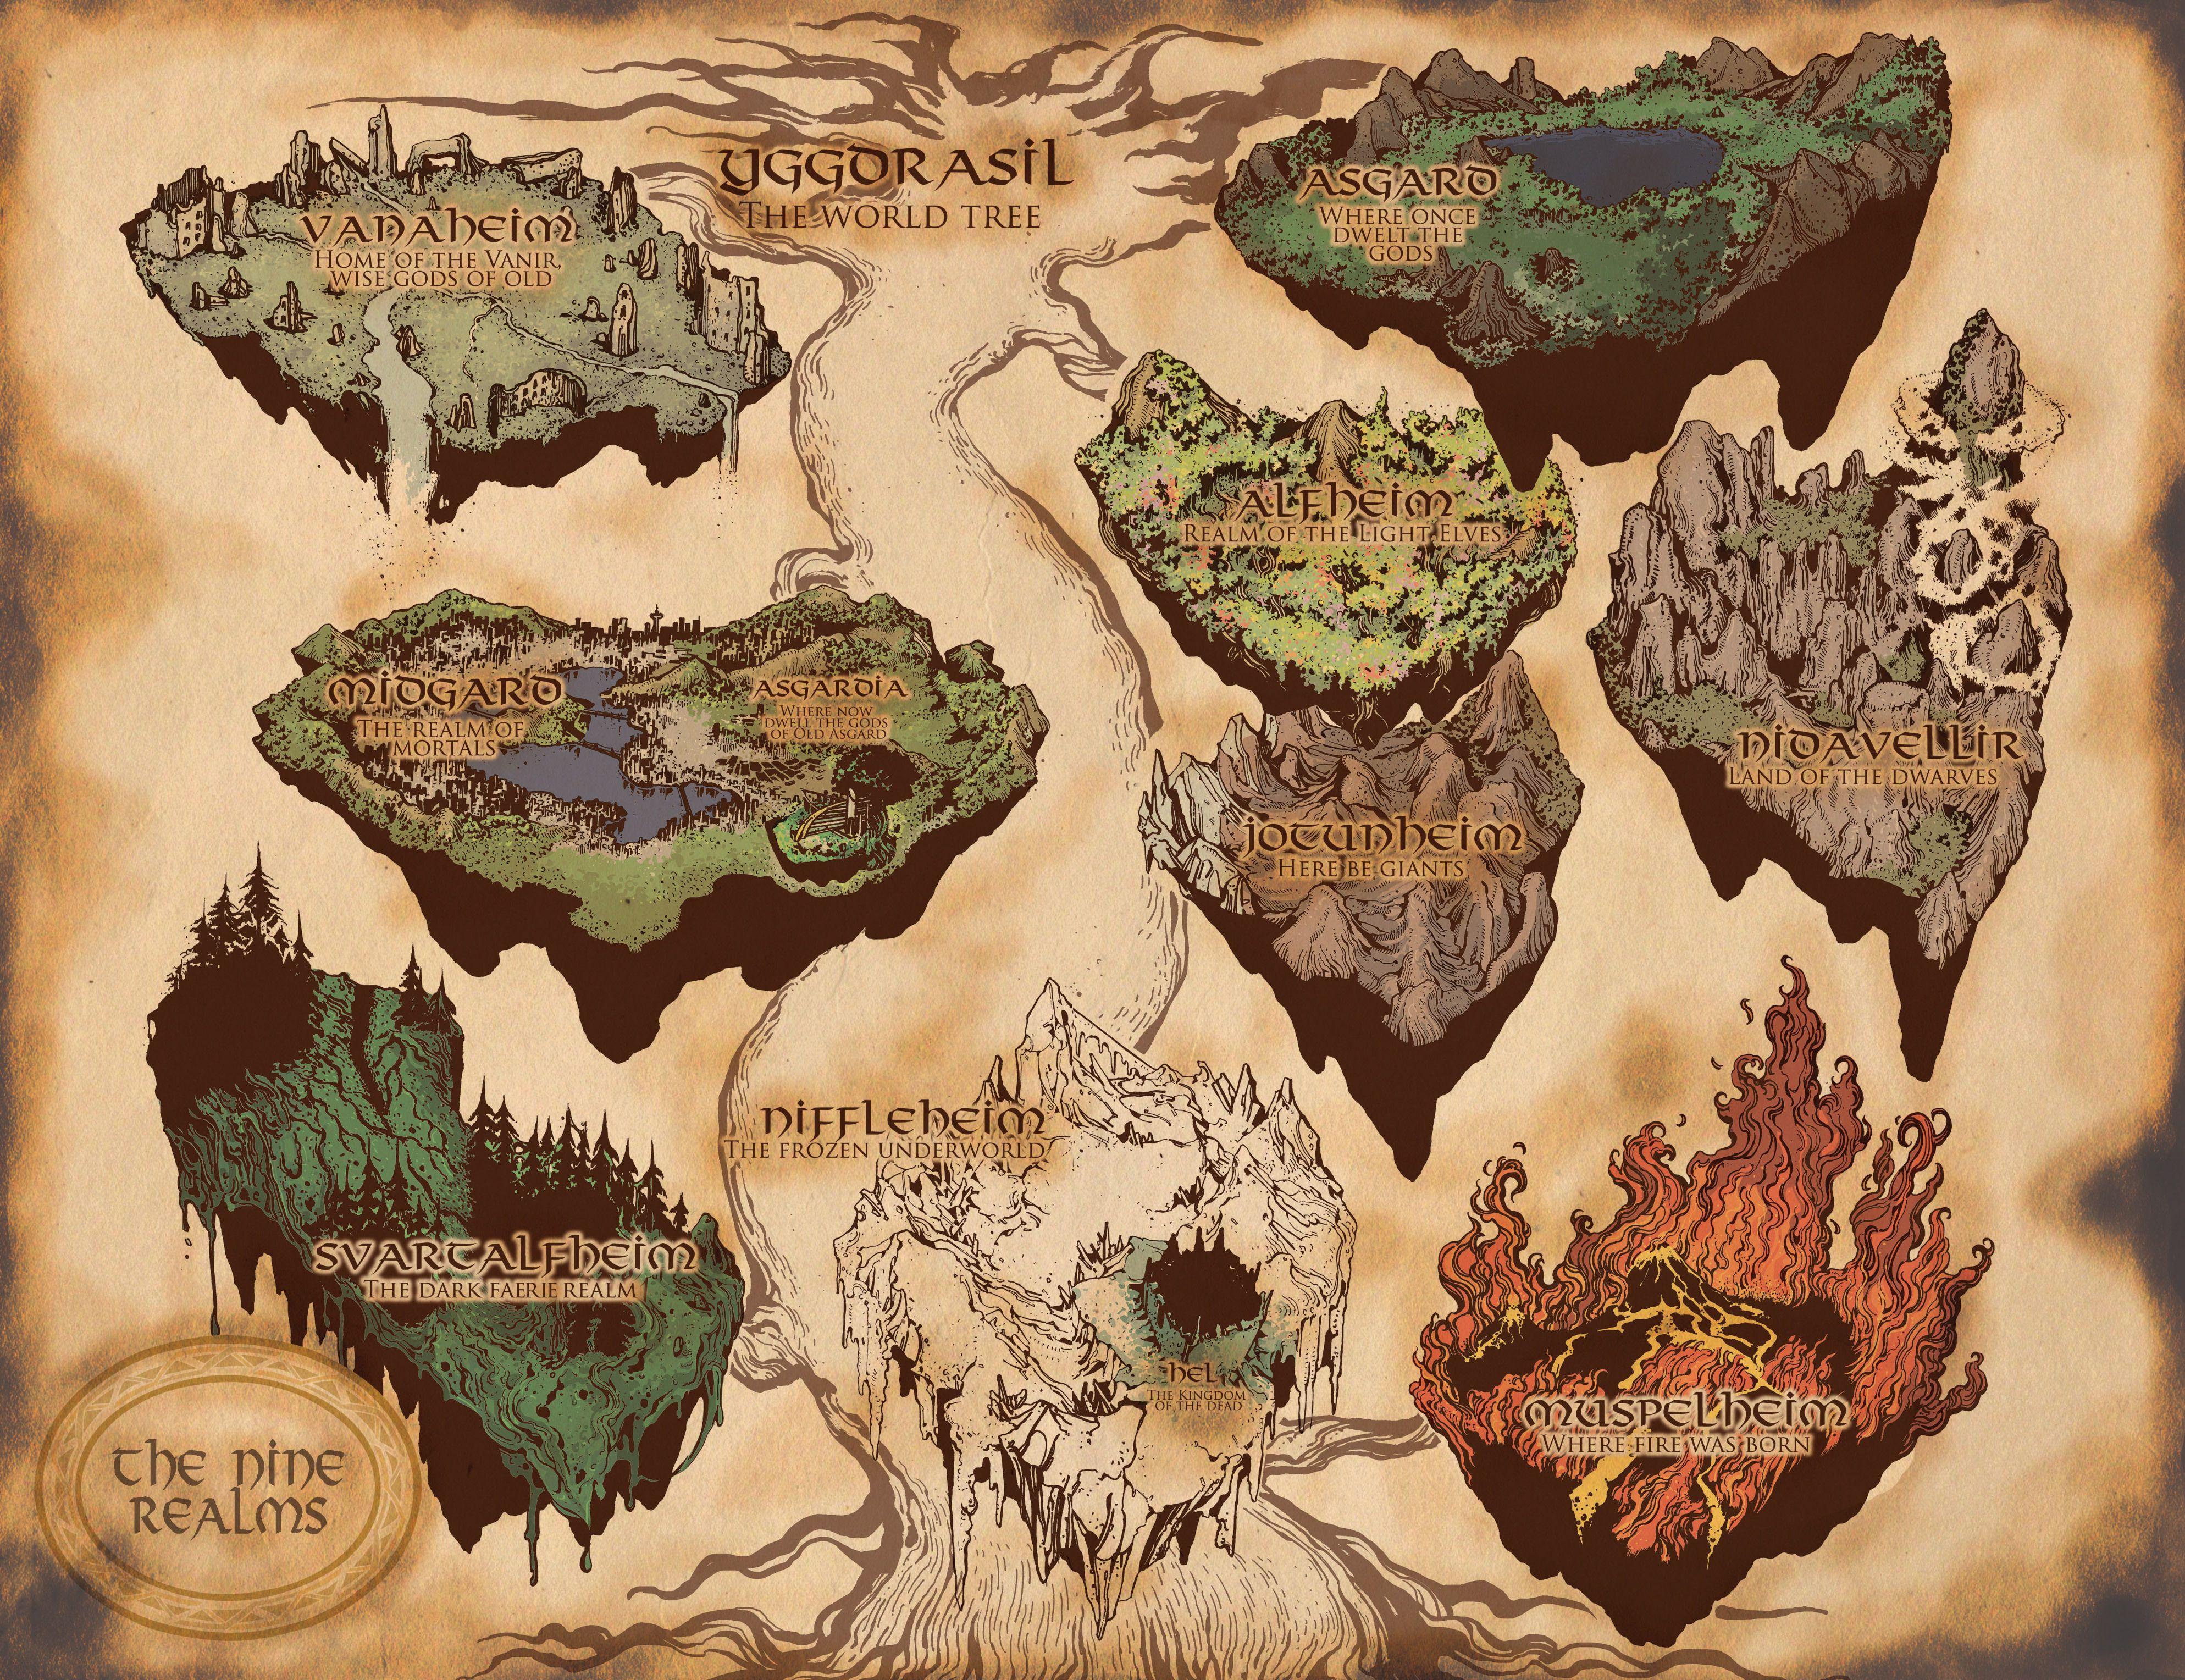 yggdrasil & the nine realms